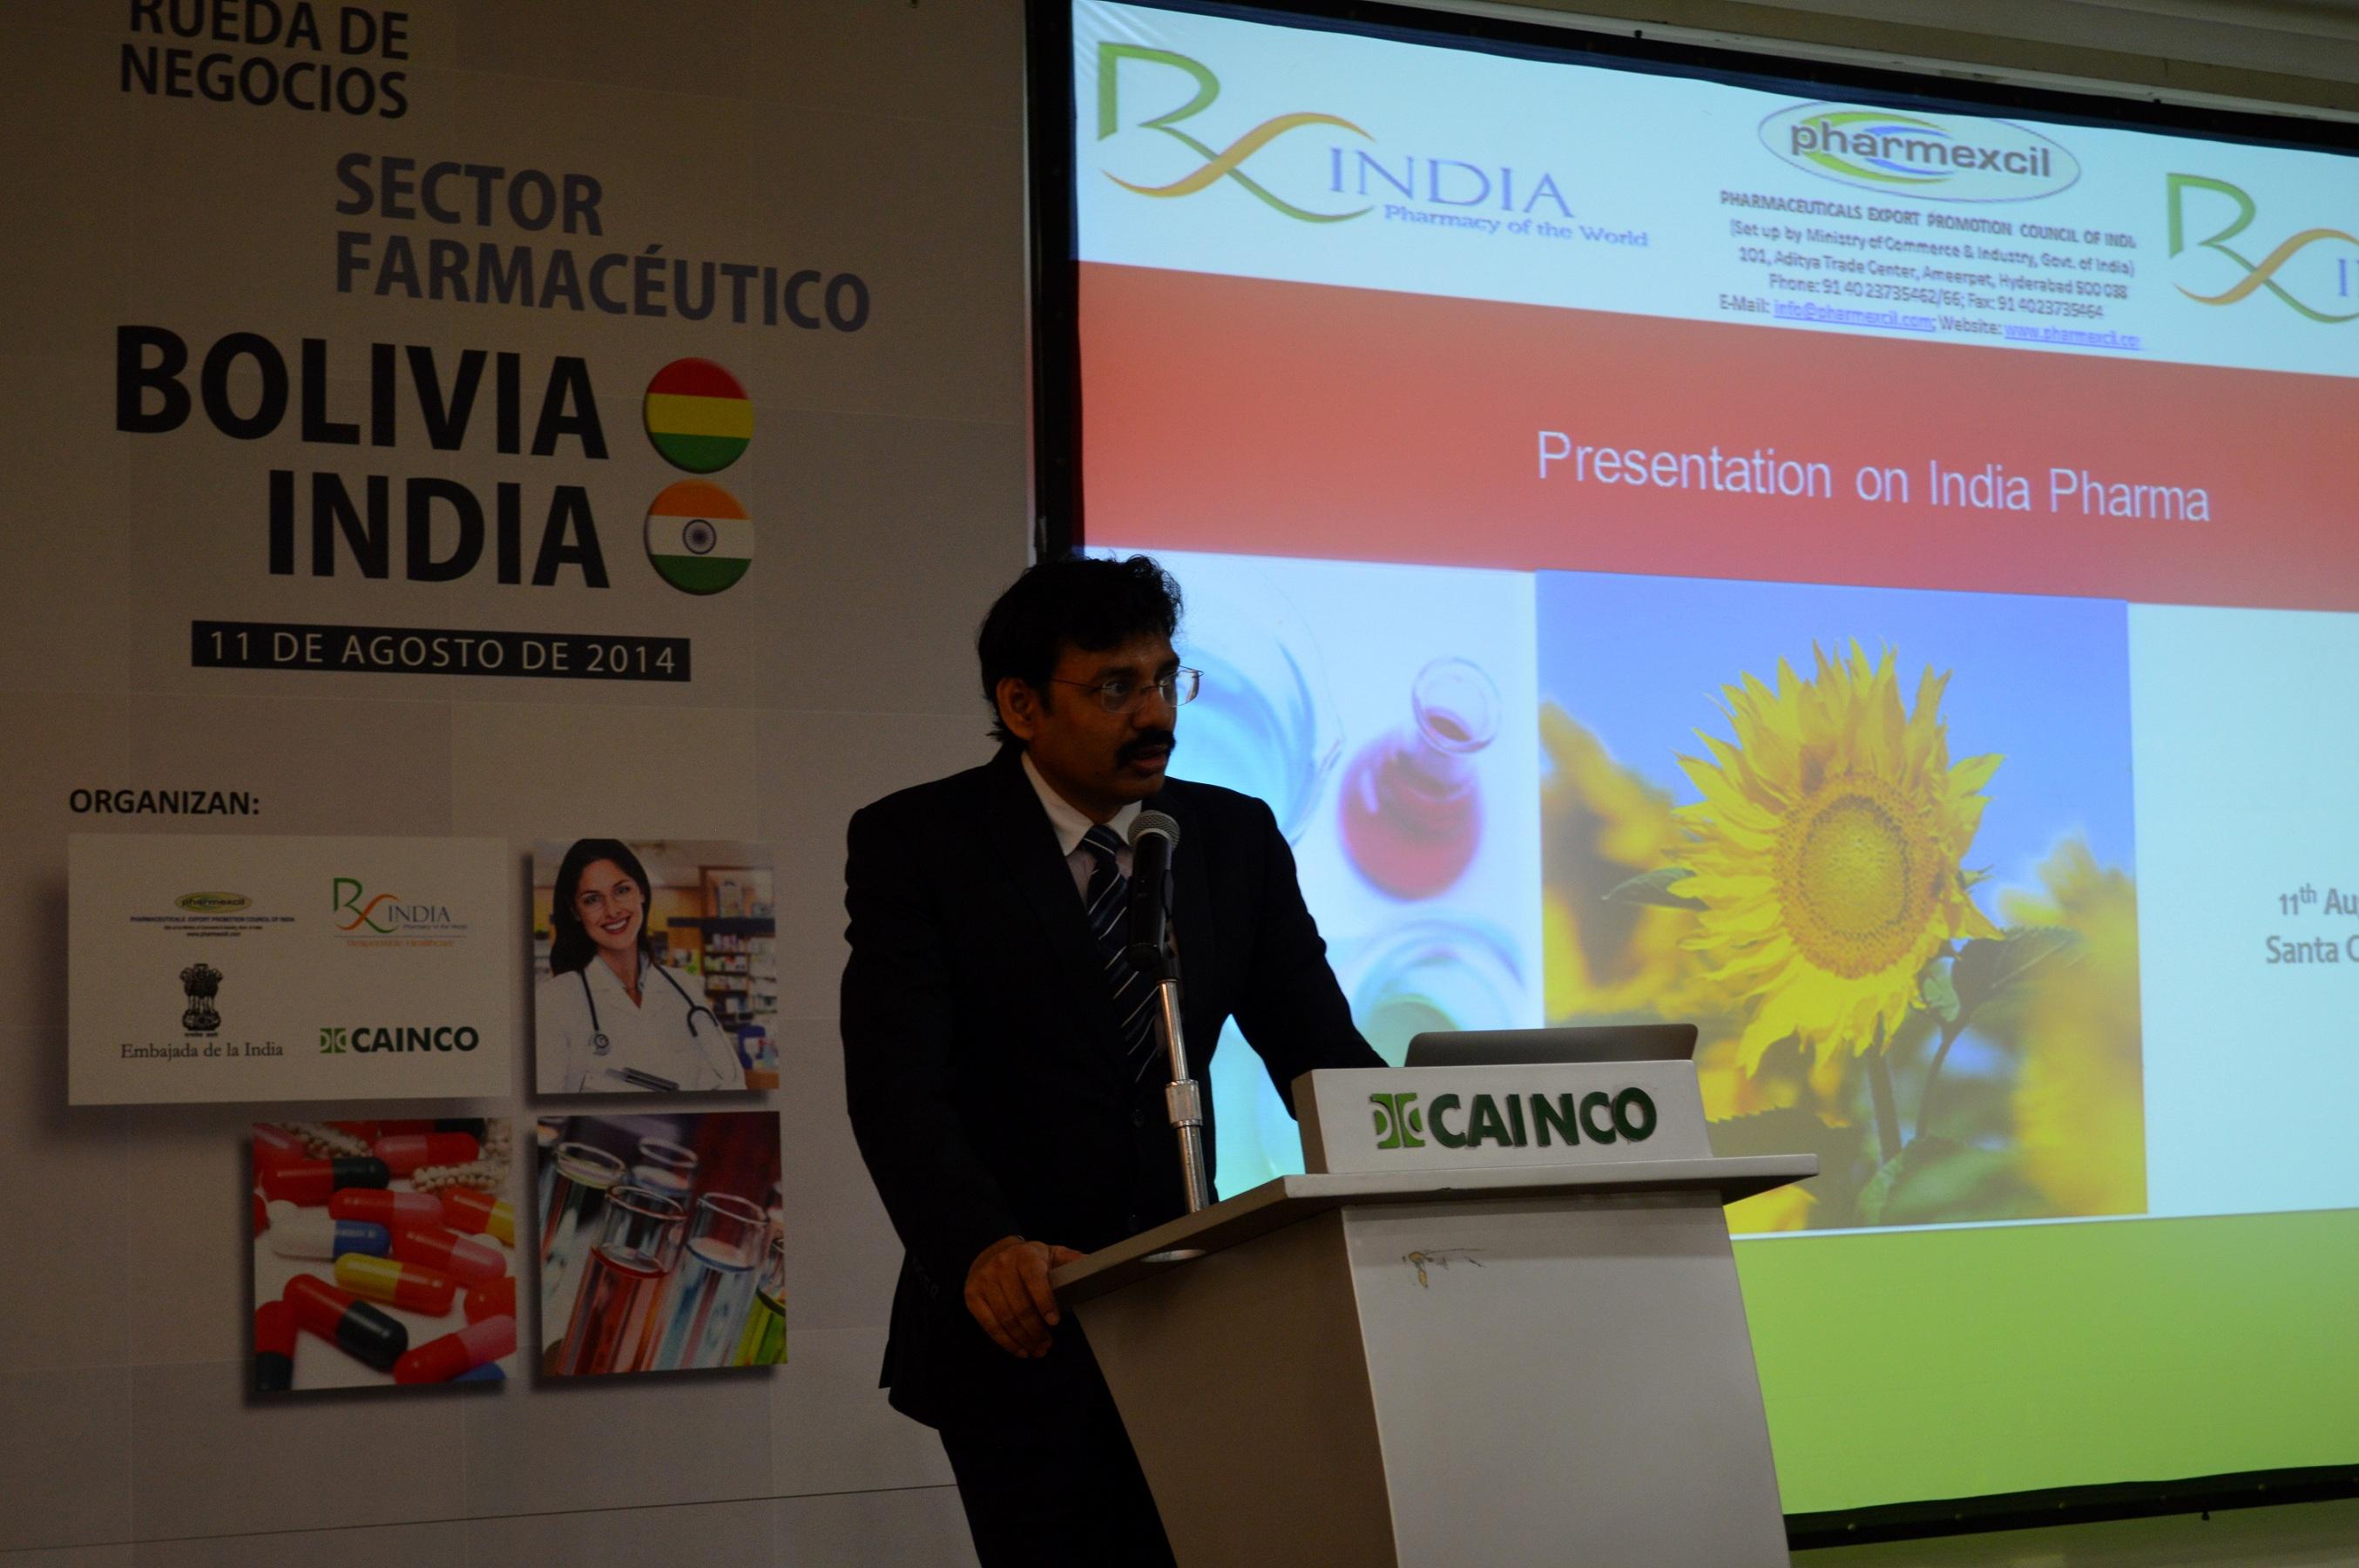 India viene a hacer negocios con empresas bolivianas